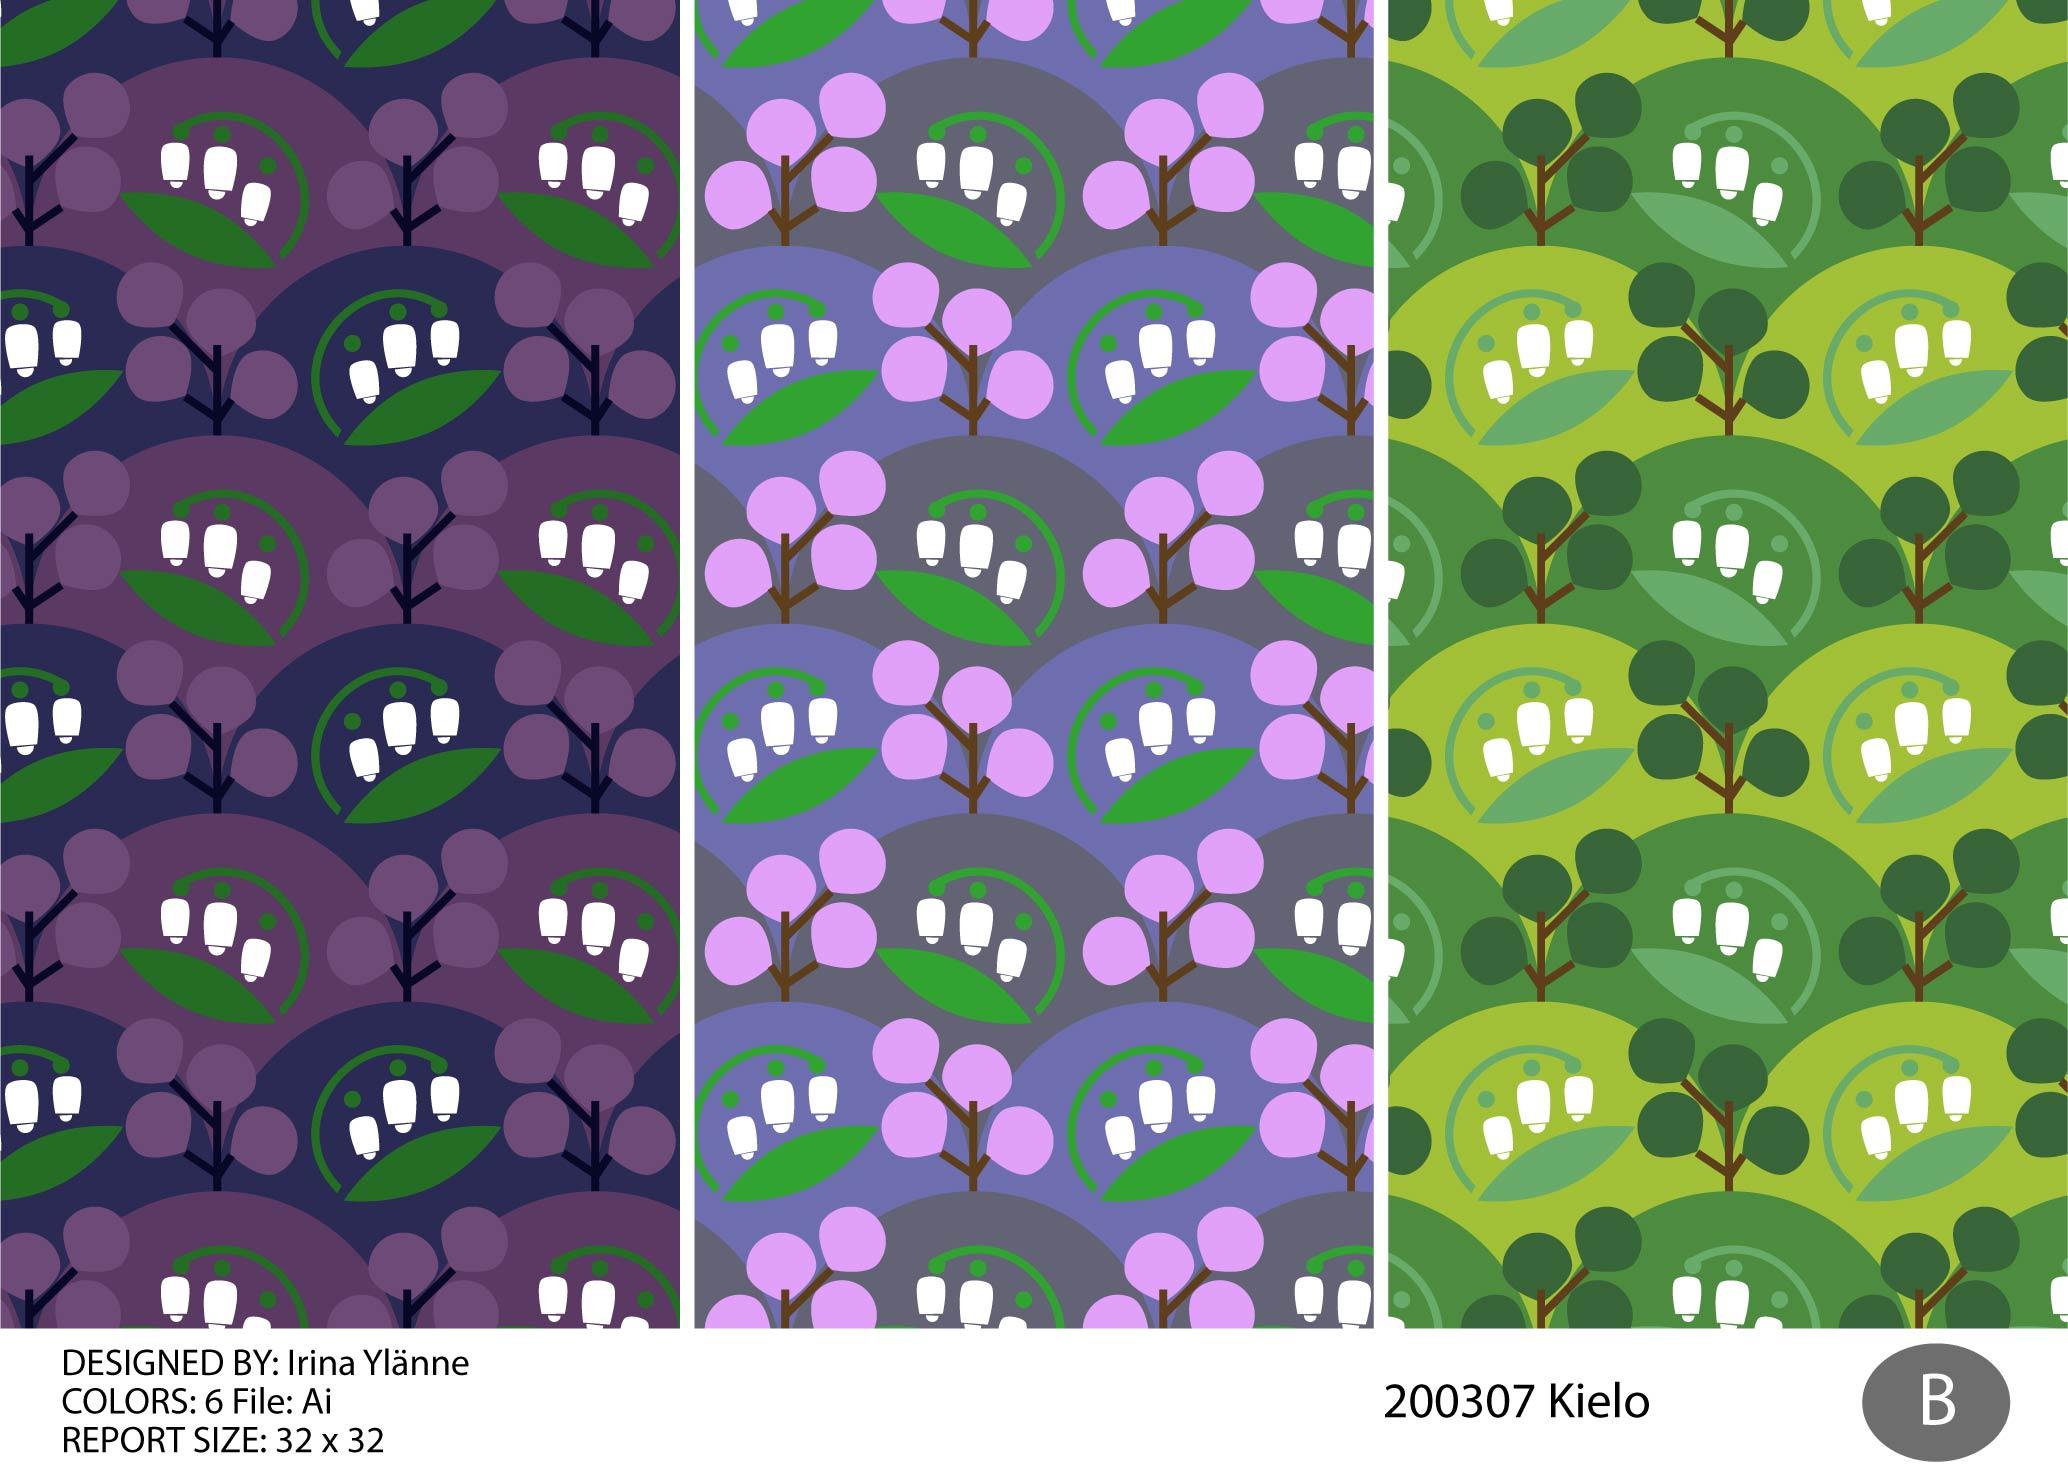 irina_200307_kielo-02